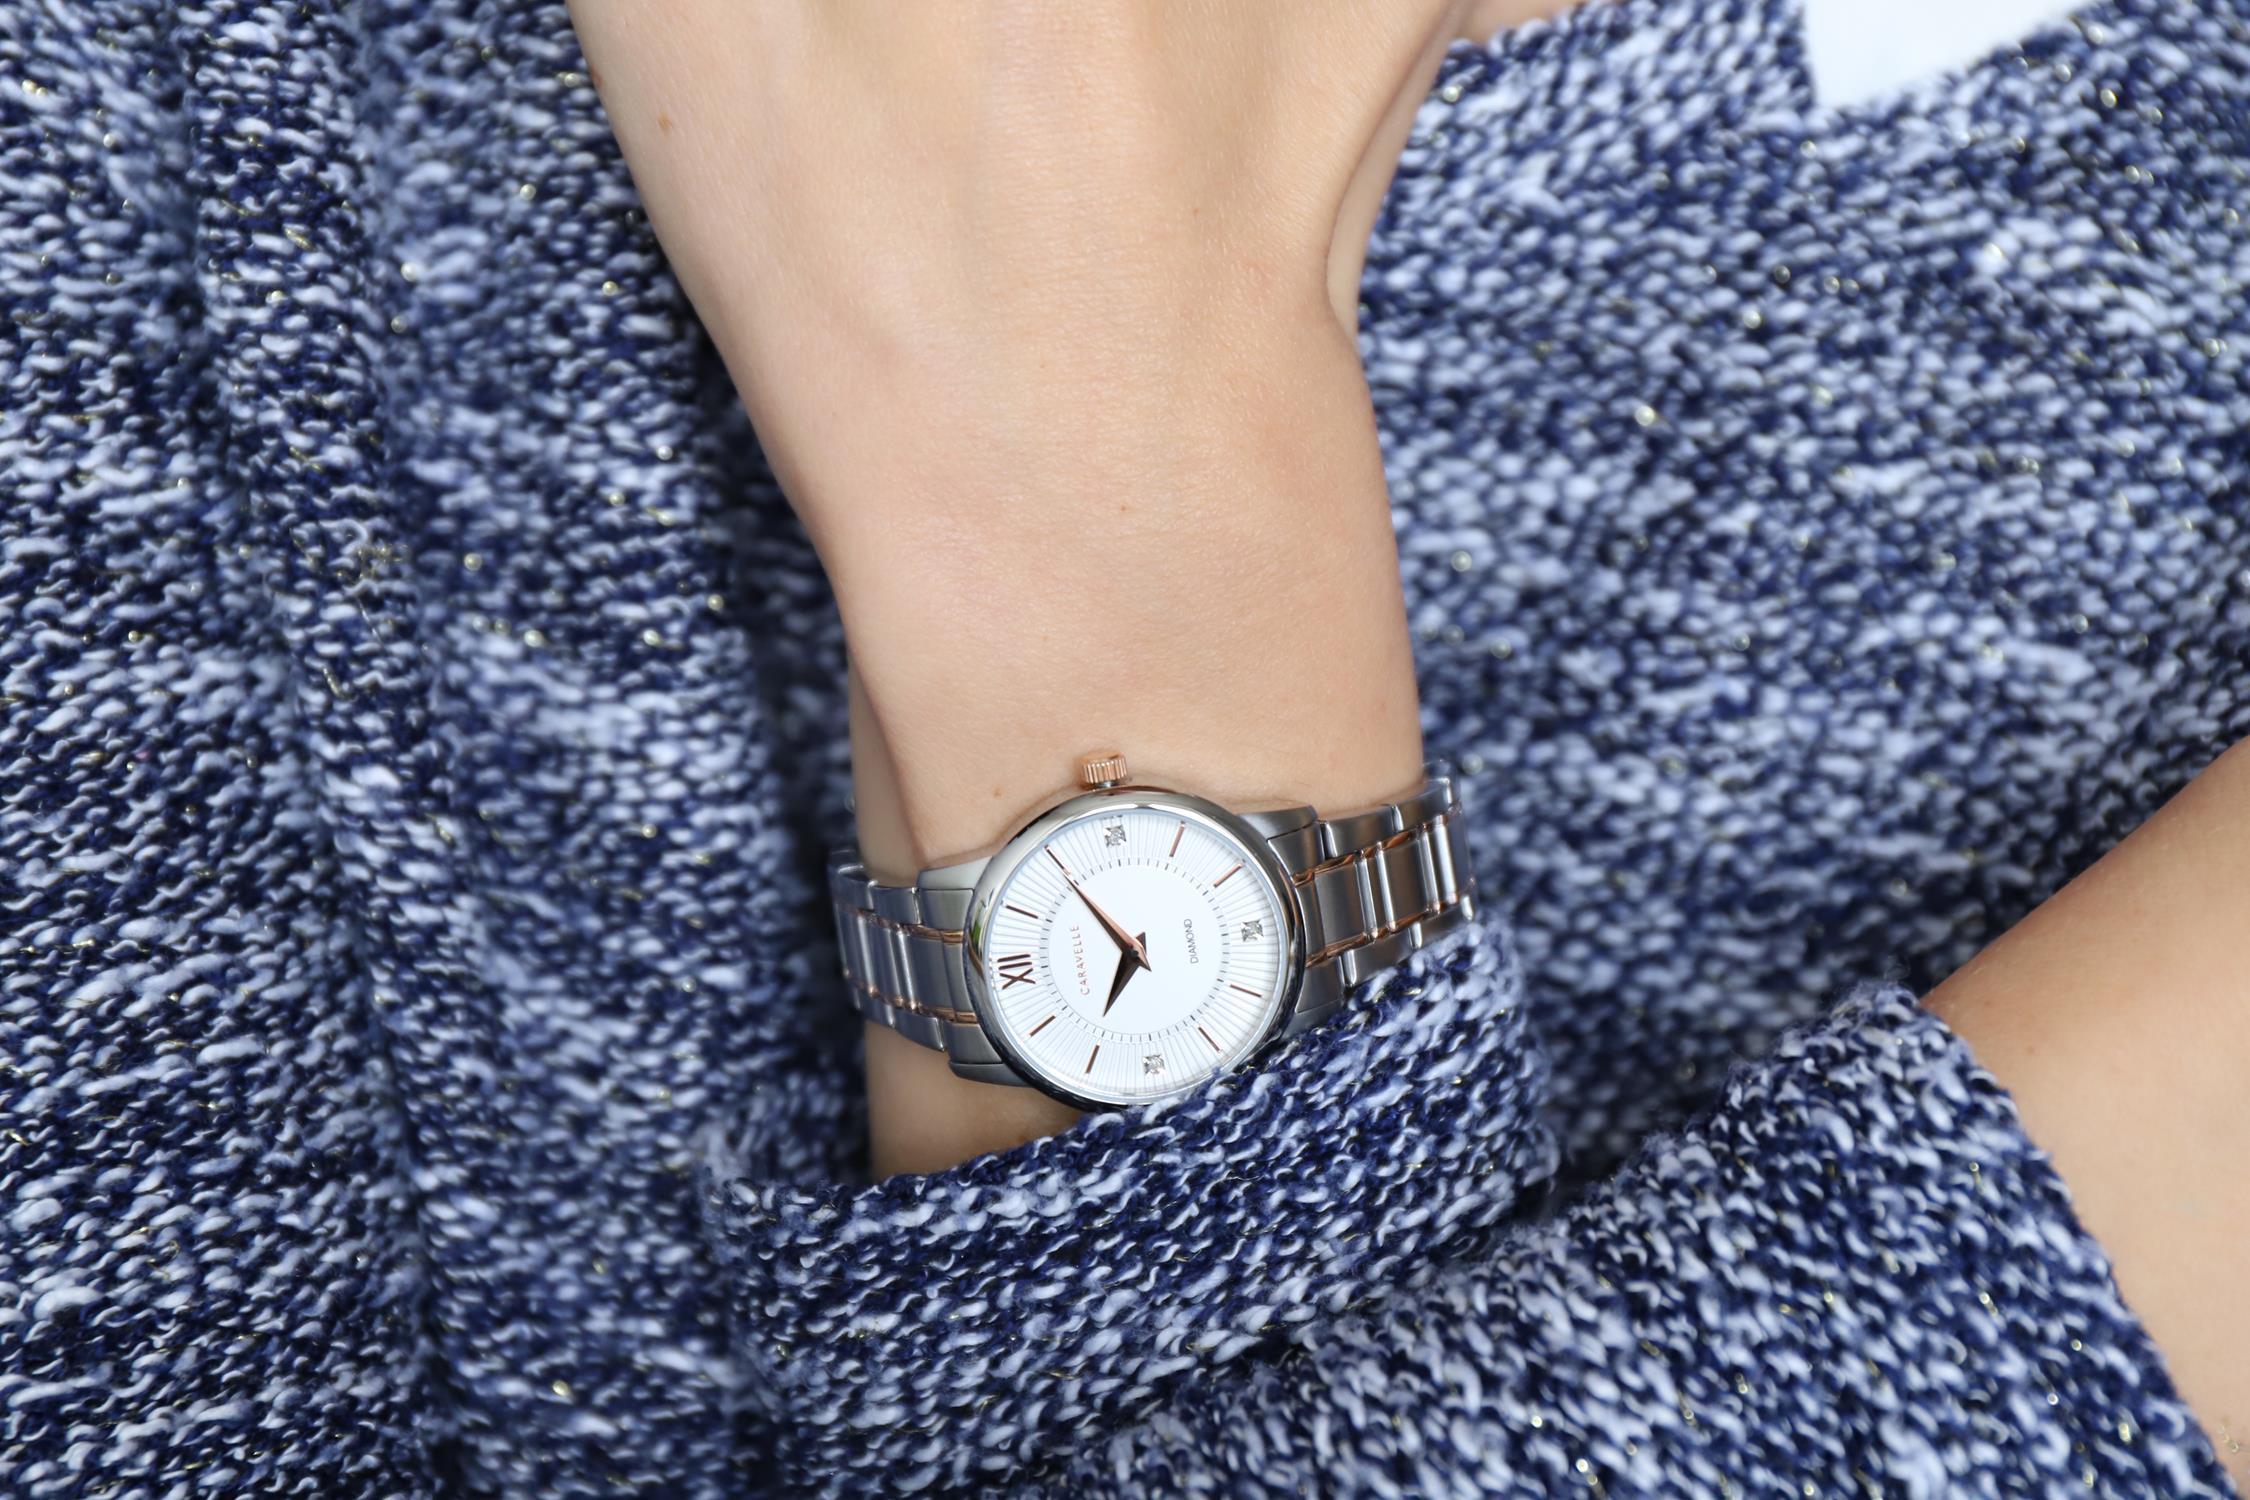 Zegarek damski Caravelle bransoleta 45P110 - duże 5